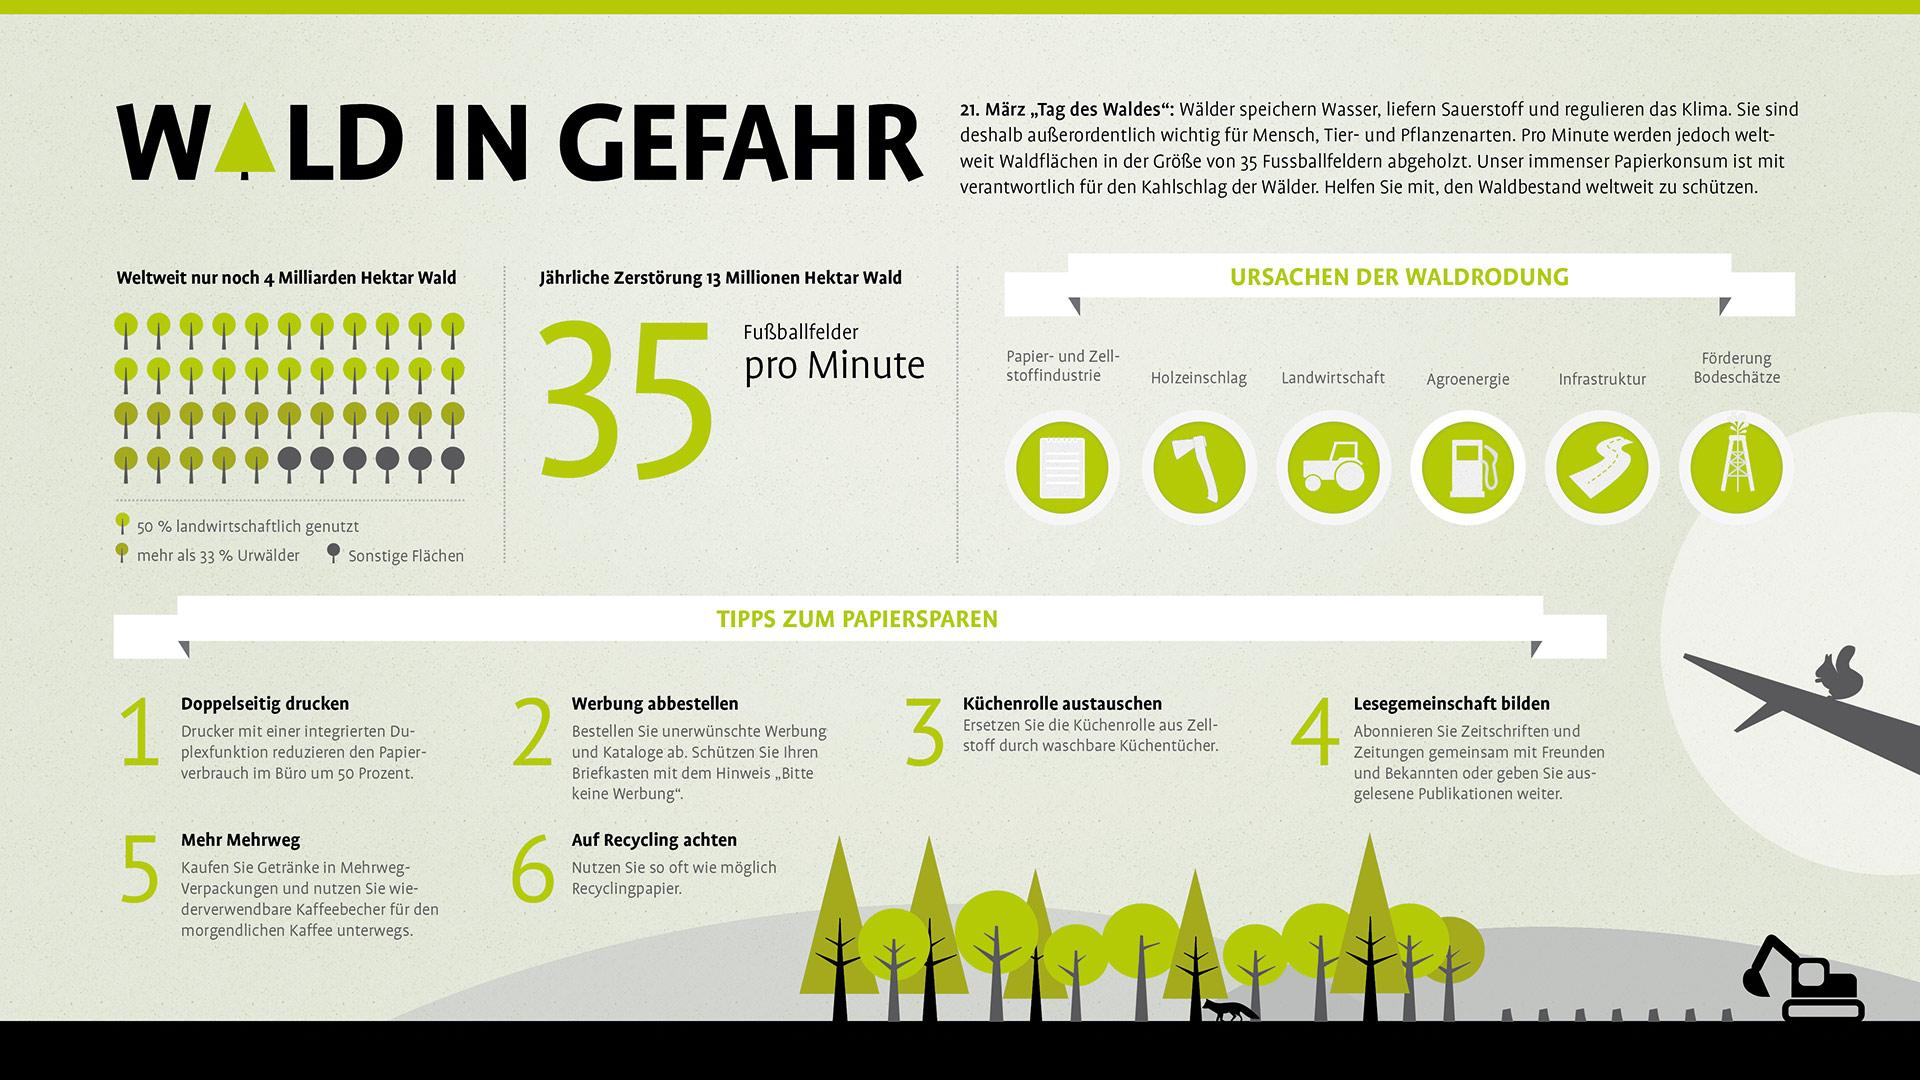 Infografiken | publicgarden: Freie Arbeit zur Waldrodung